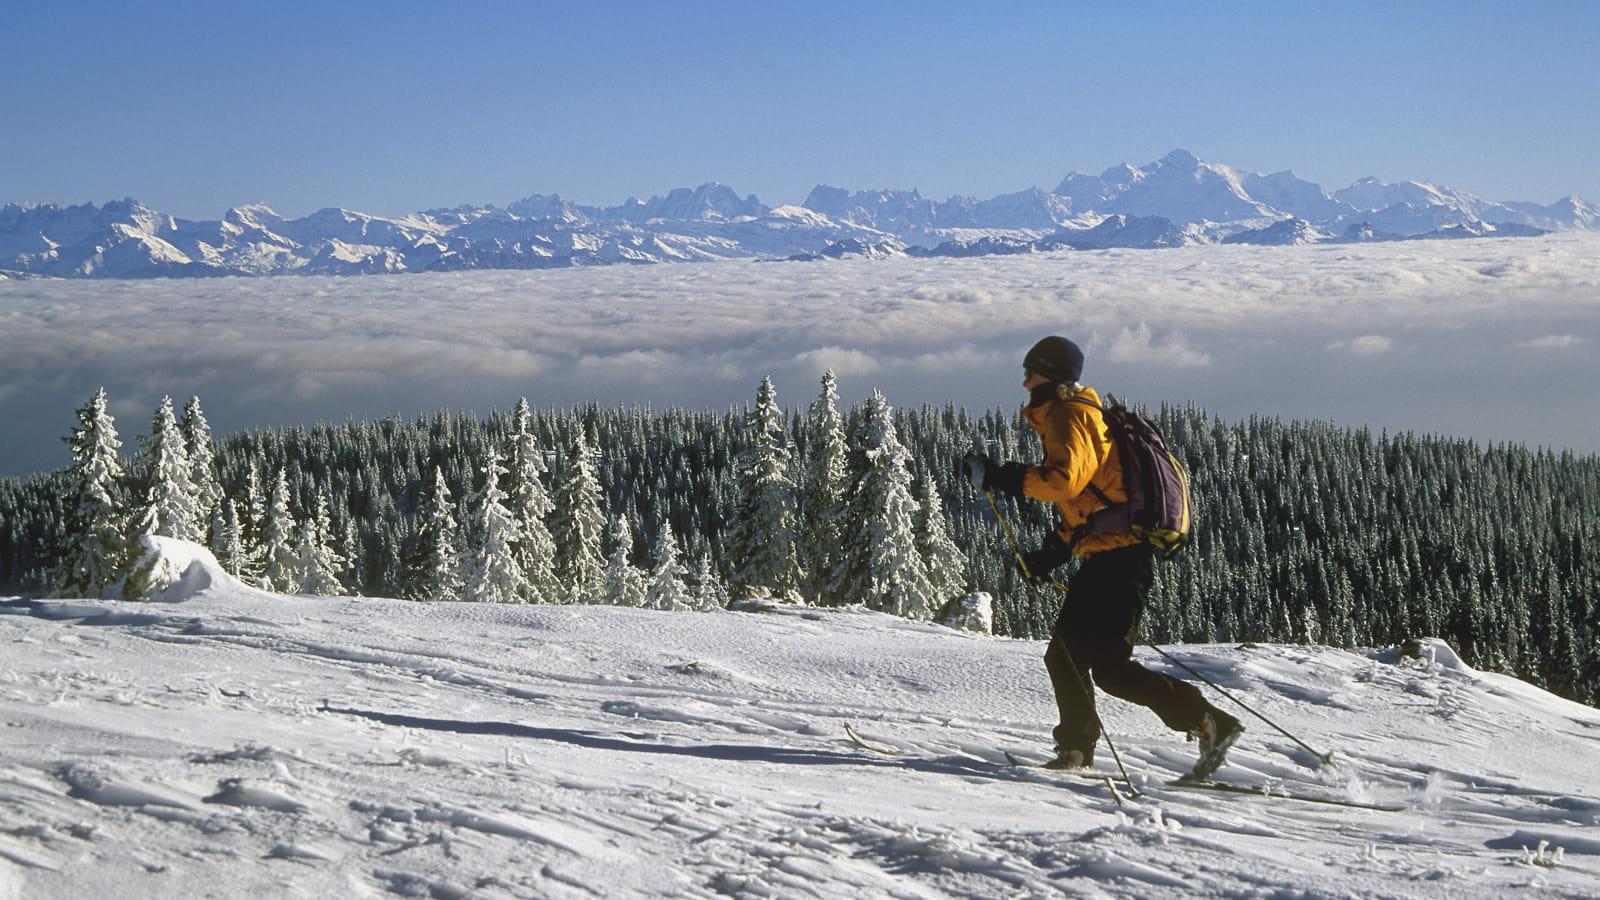 Vue panoramique sur la chaîne des Alpes depuis le sommet du Mont d'Or